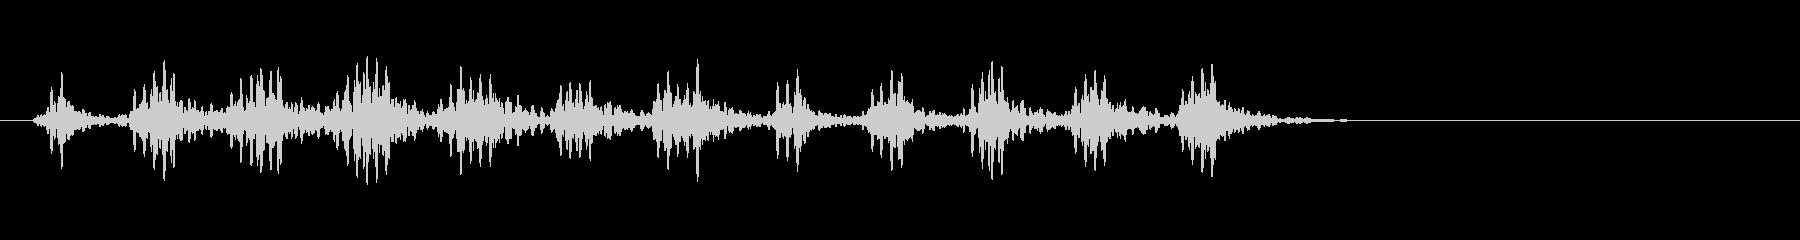 リリリ…虫の音の未再生の波形